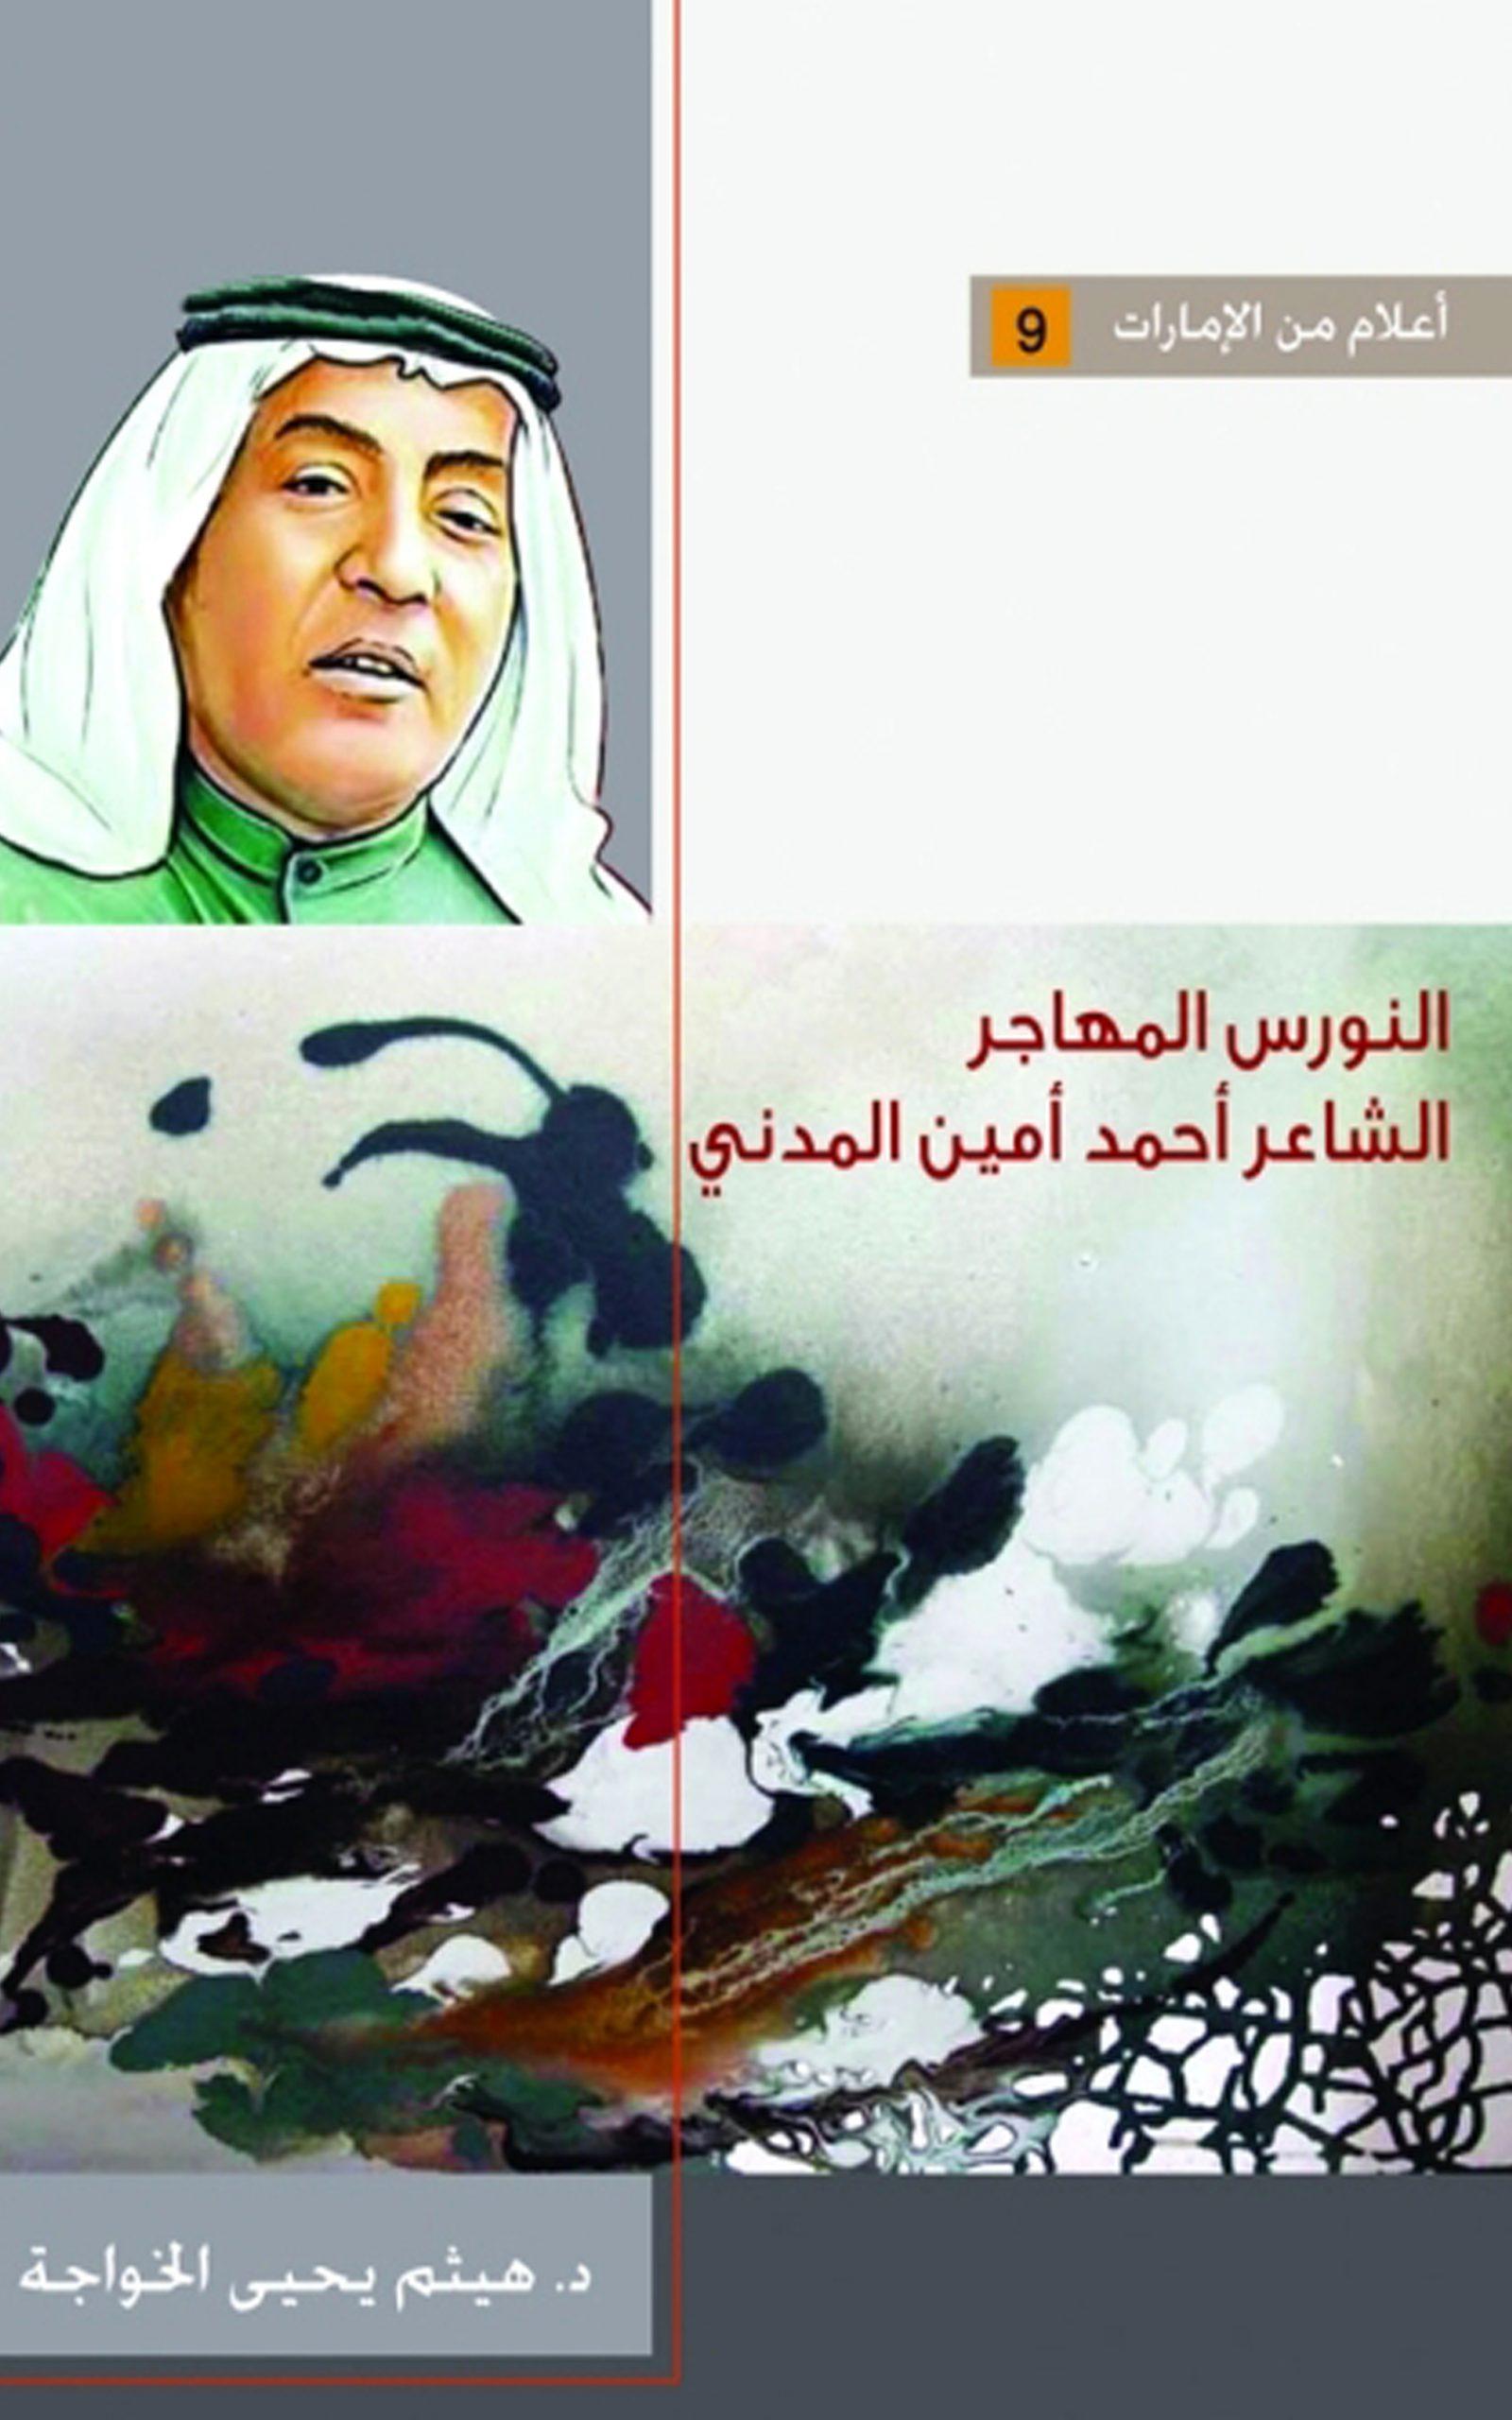 النورس المهاجر – الشاعر أحمد أمين المدني